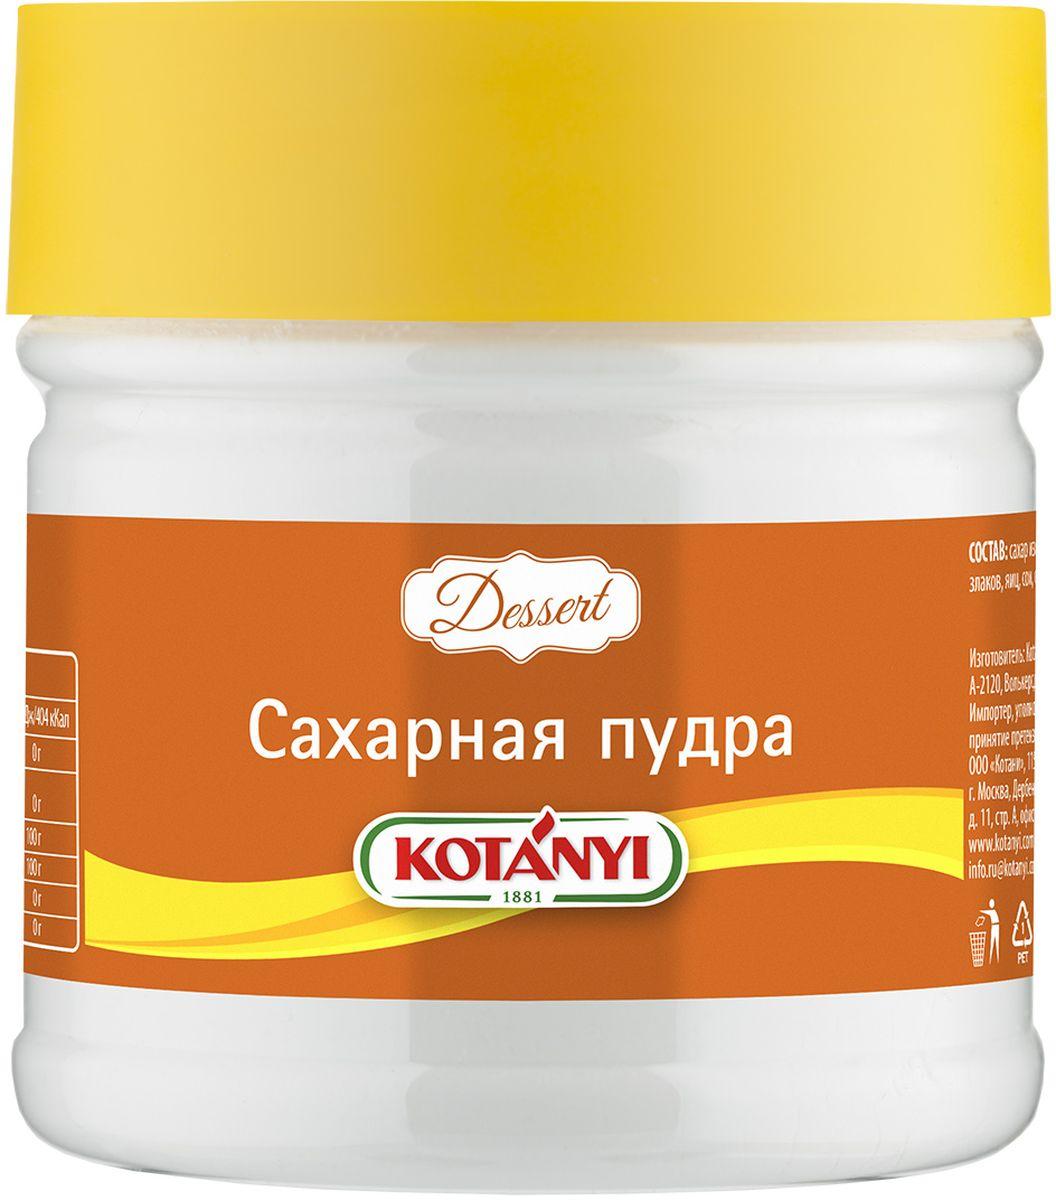 Kotanyi Сахарная пудра, 200 г автоаромат сахарная пудра millefiori milano автоаромат сахарная пудра